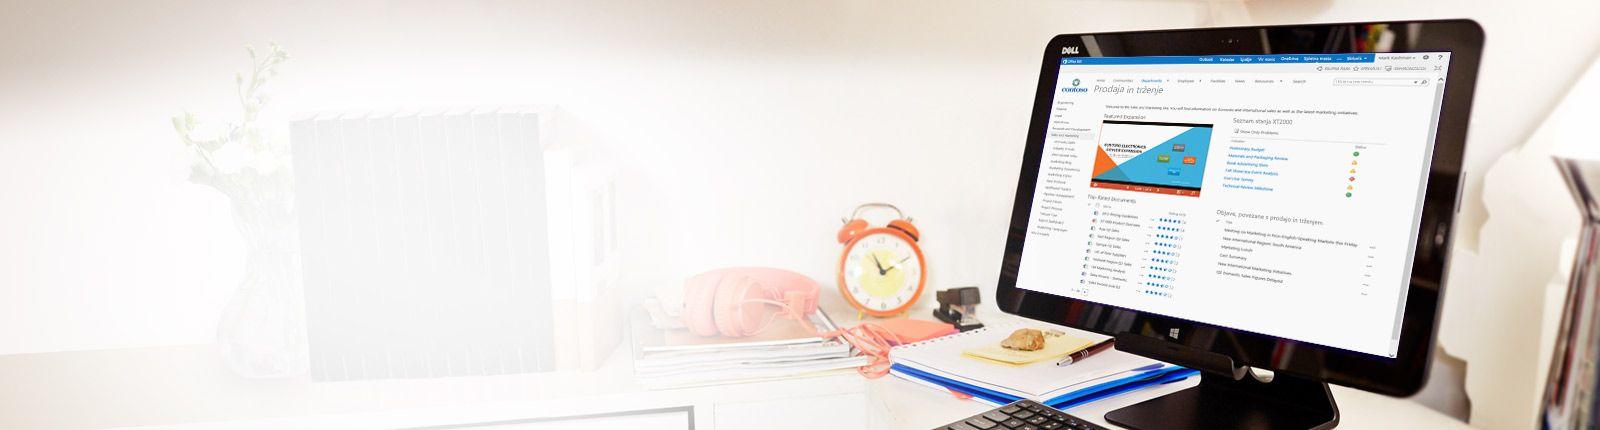 Monitor na namizju, ki prikazuje prodajo in marketinški dokument v SharePointu.